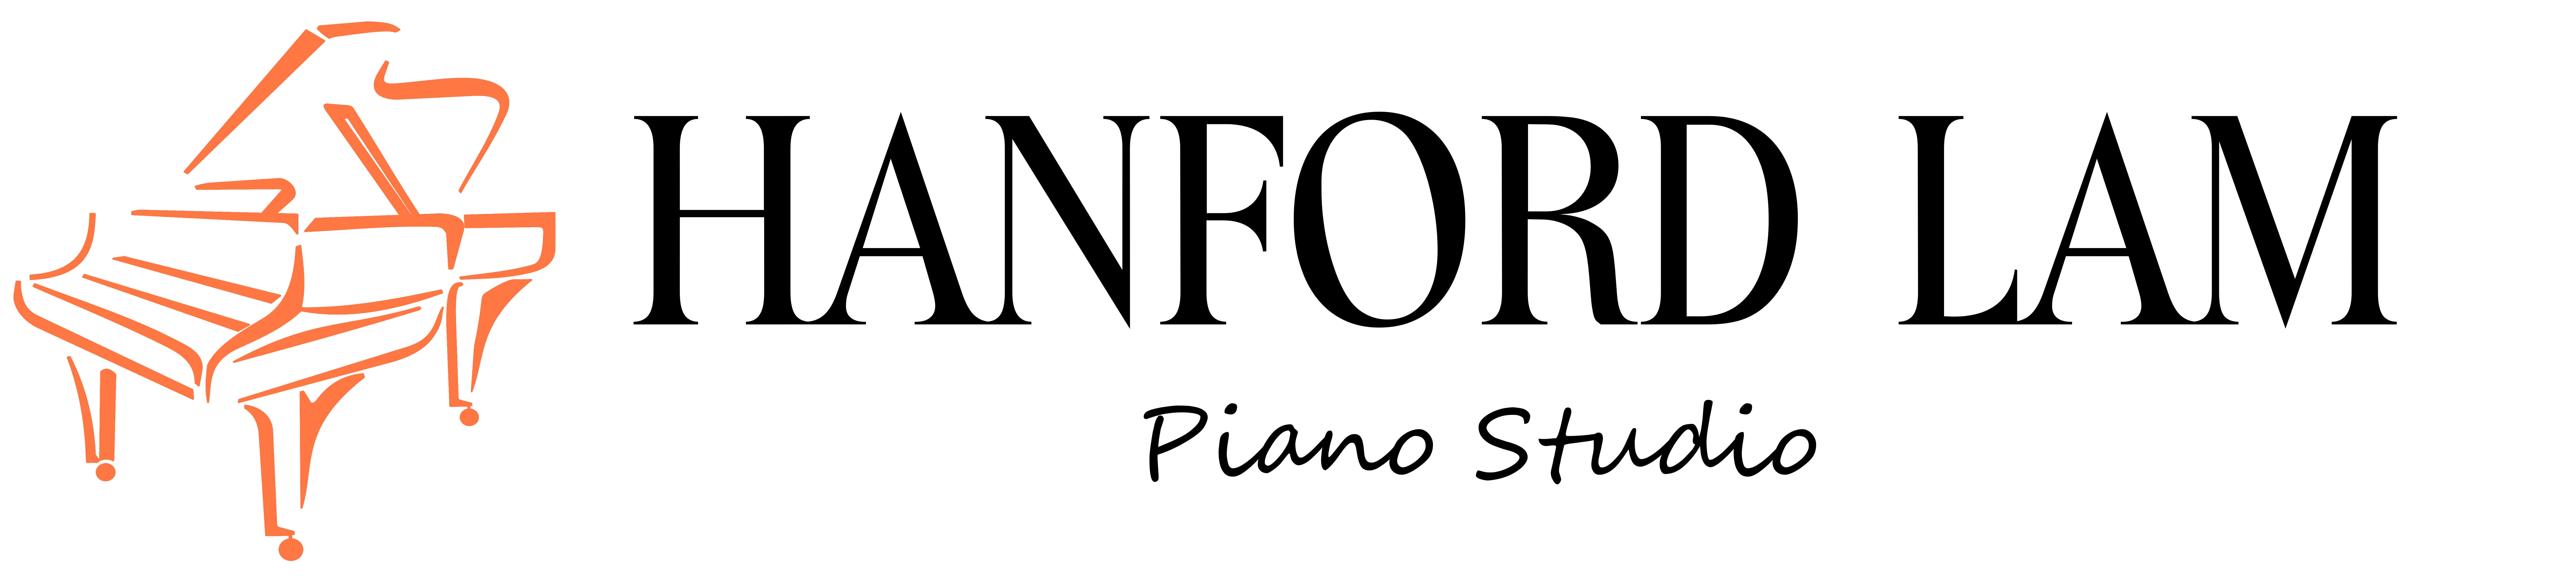 hanford-lam-logo.png